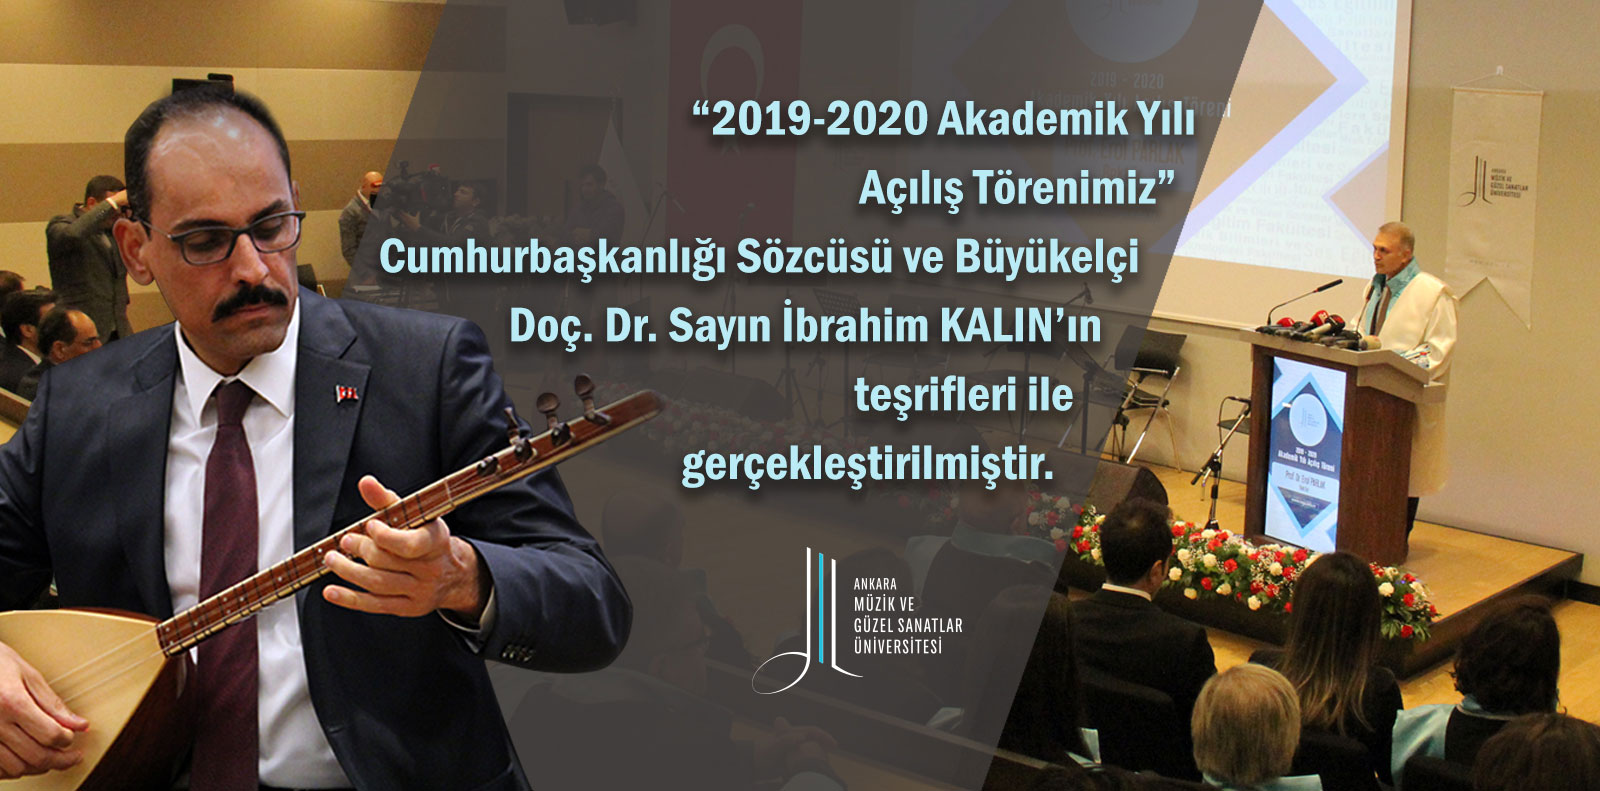 2019-2020 AKADEMİK YILI AÇILIŞ TÖRENİ